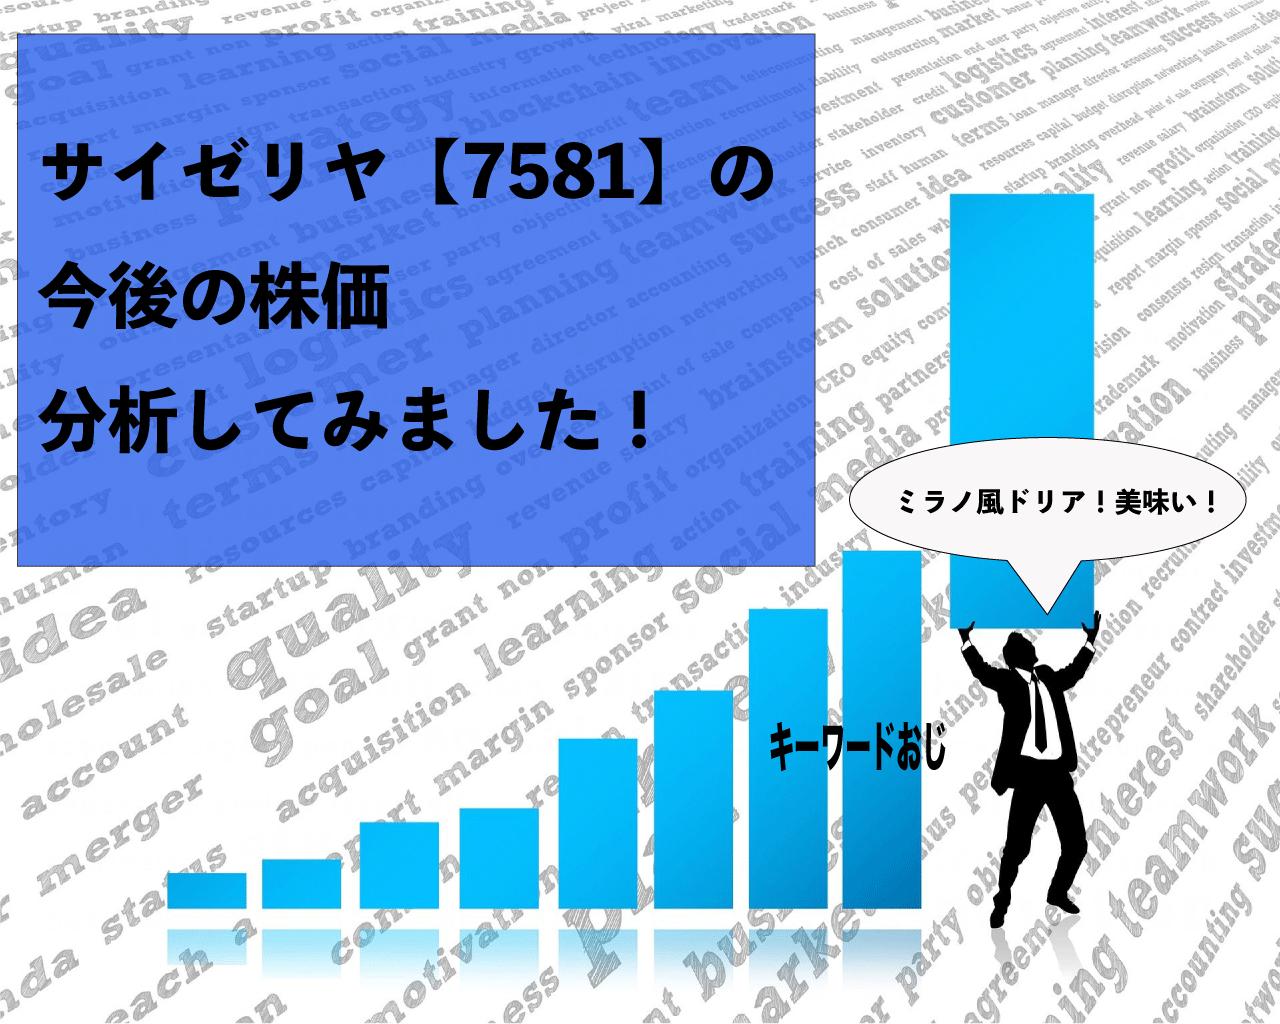 株価 予想 の 今後 【コロナショック】どうなる日本航空(9201)今後の株価、業績、倒産確率を予想